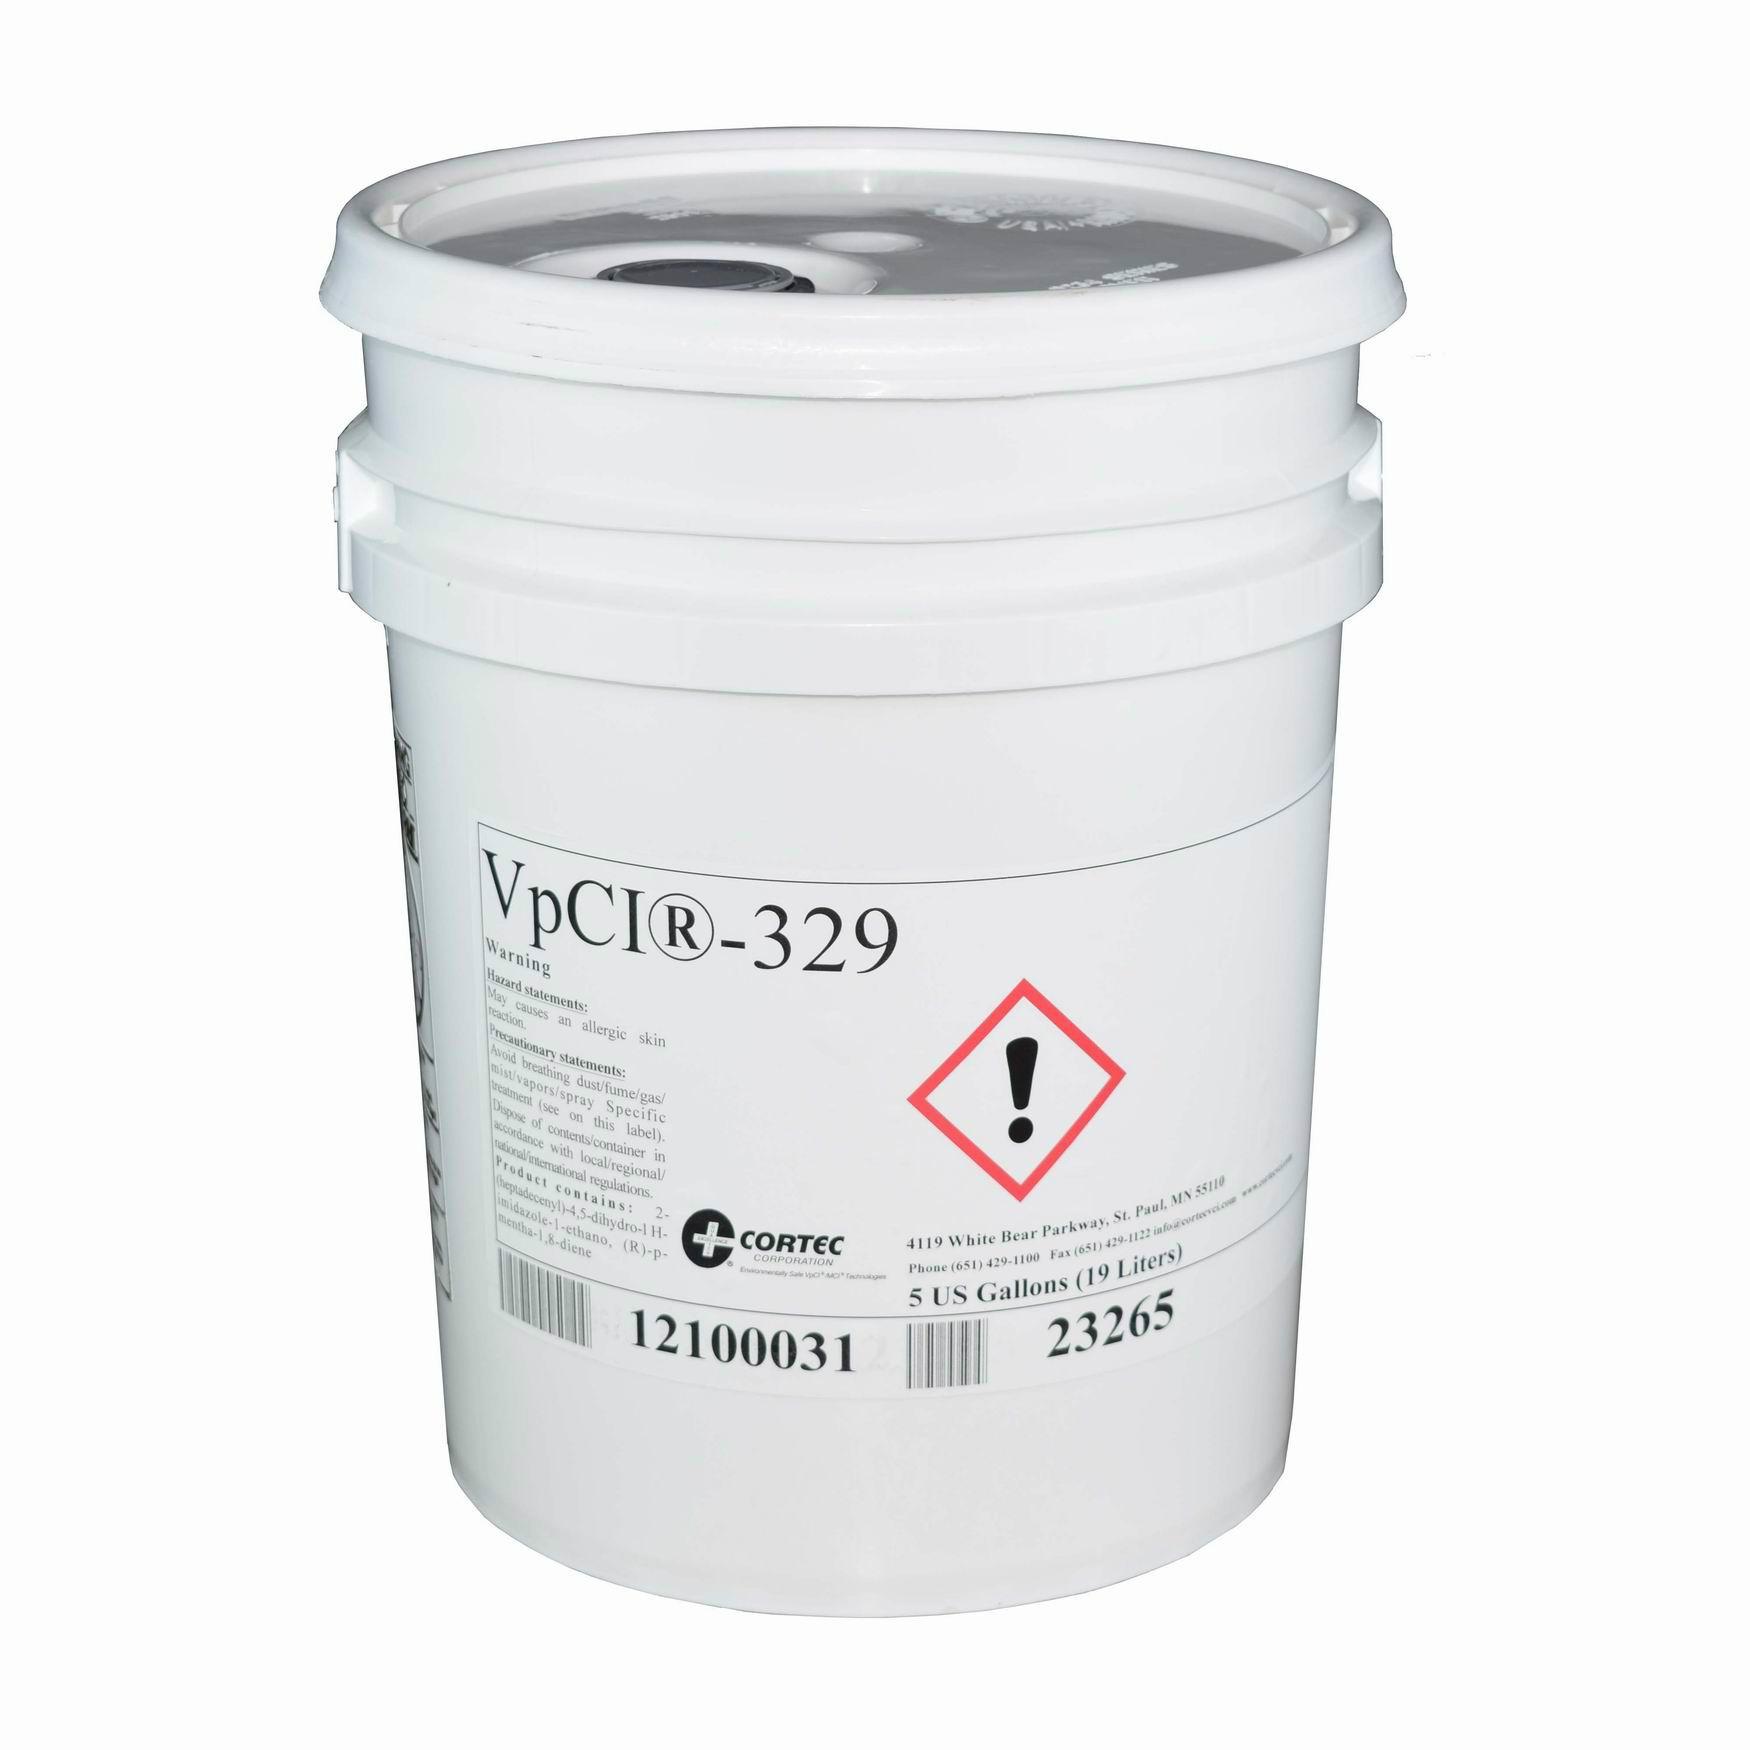 Cortec VpCI-329D - Pail (5 Gallon)